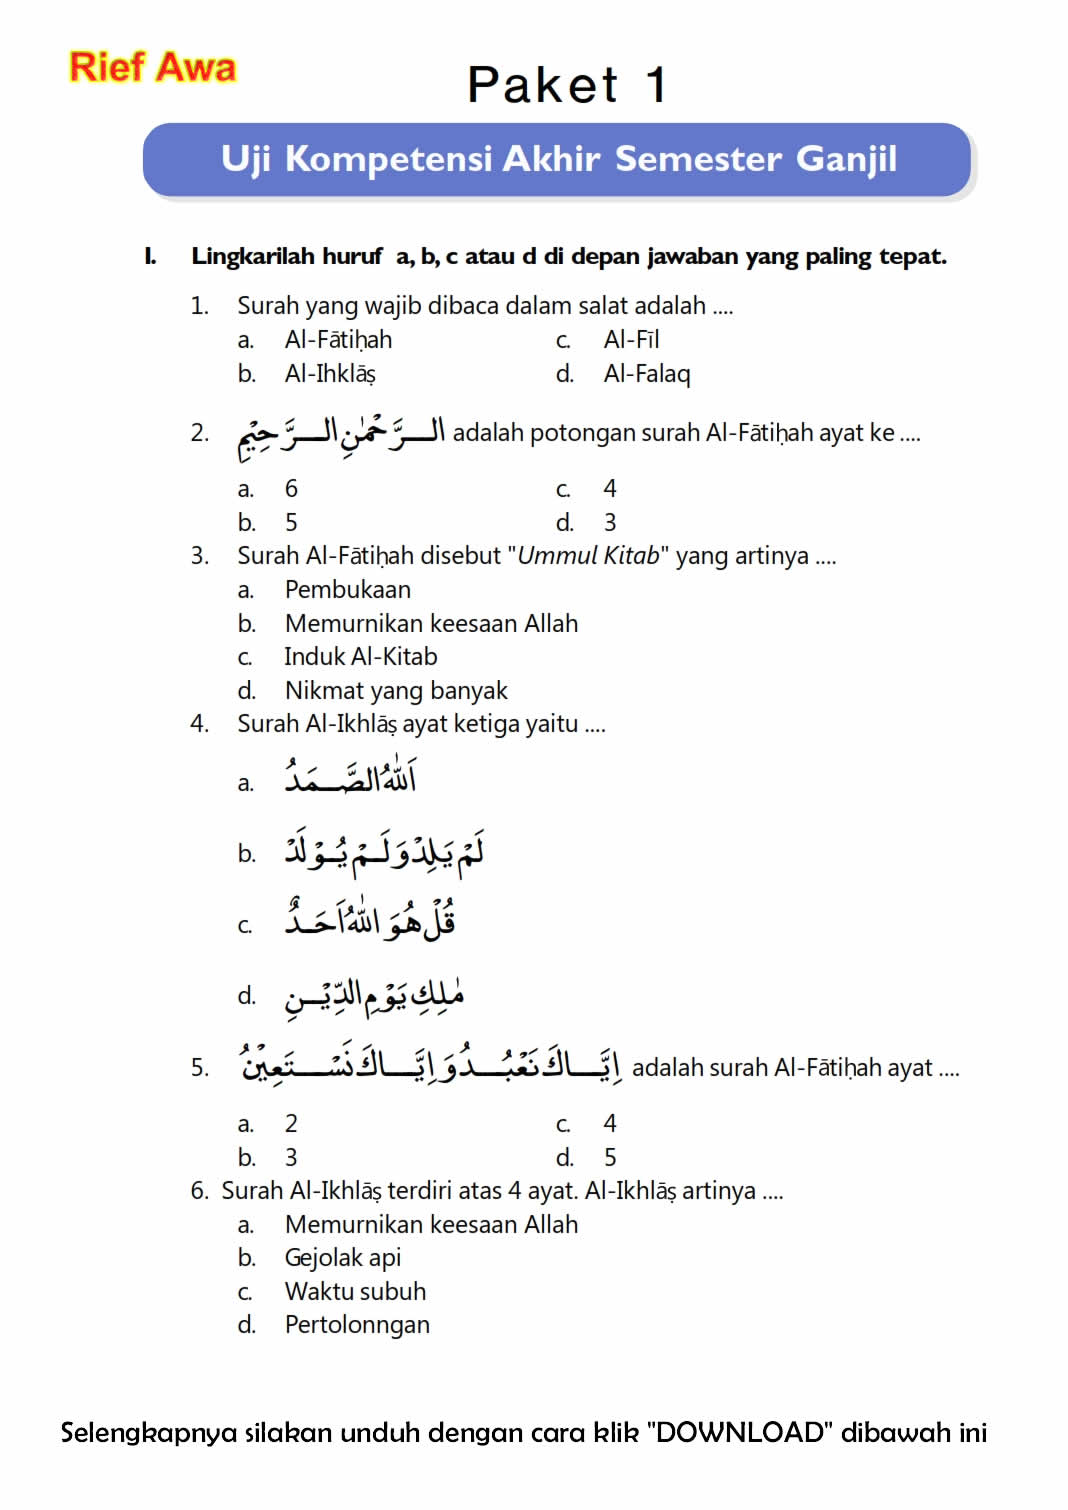 Download Soal Uas Ganjil Pendidikan Agama Islam Kelas 4 Semester 1 2015 2016 Rief Awa Blog